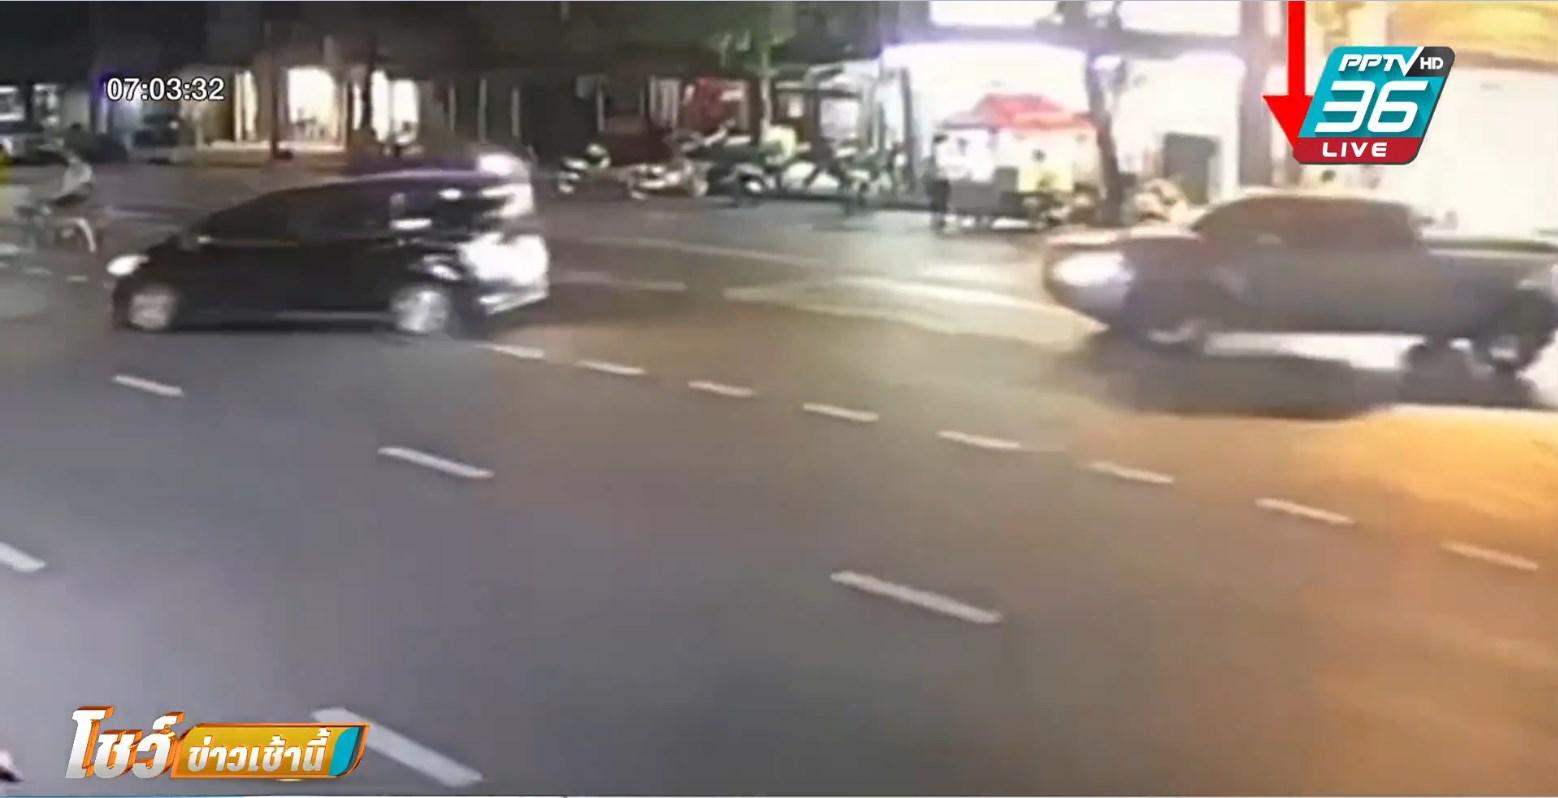 สาวขับเก๋งช้า ถูกกระบะขับตาม ก่อนใช้ปืนยิงใส่